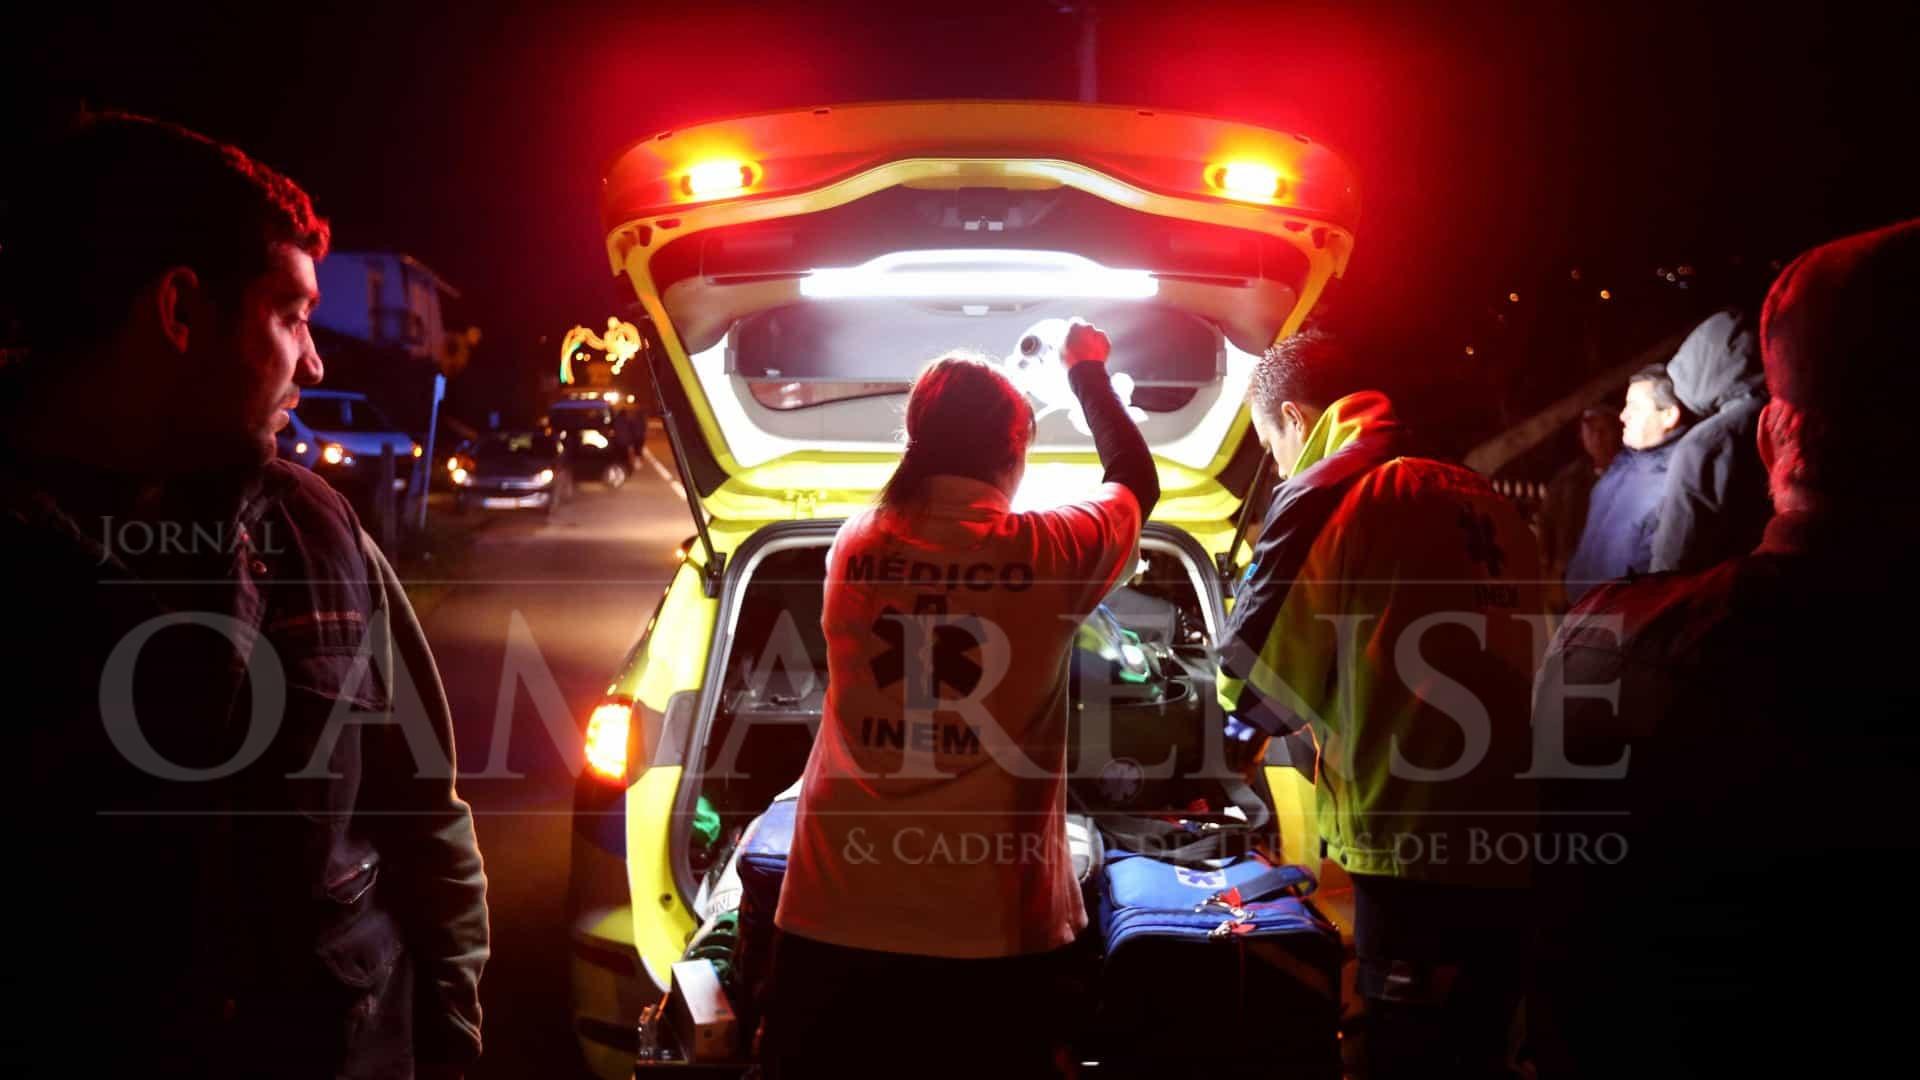 ÚLTIMA HORA (Bico-Amares): Empresário de Amares morre em acidente na EN 205-3